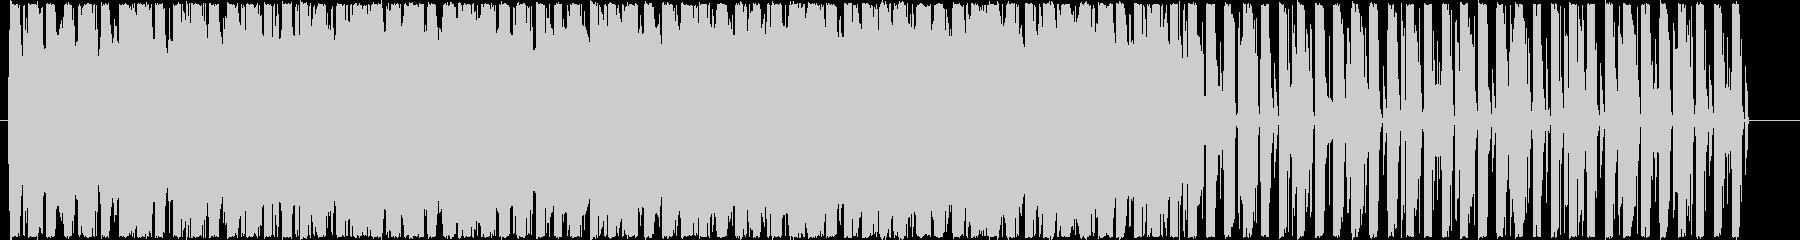 スローテンポなループ音源の未再生の波形